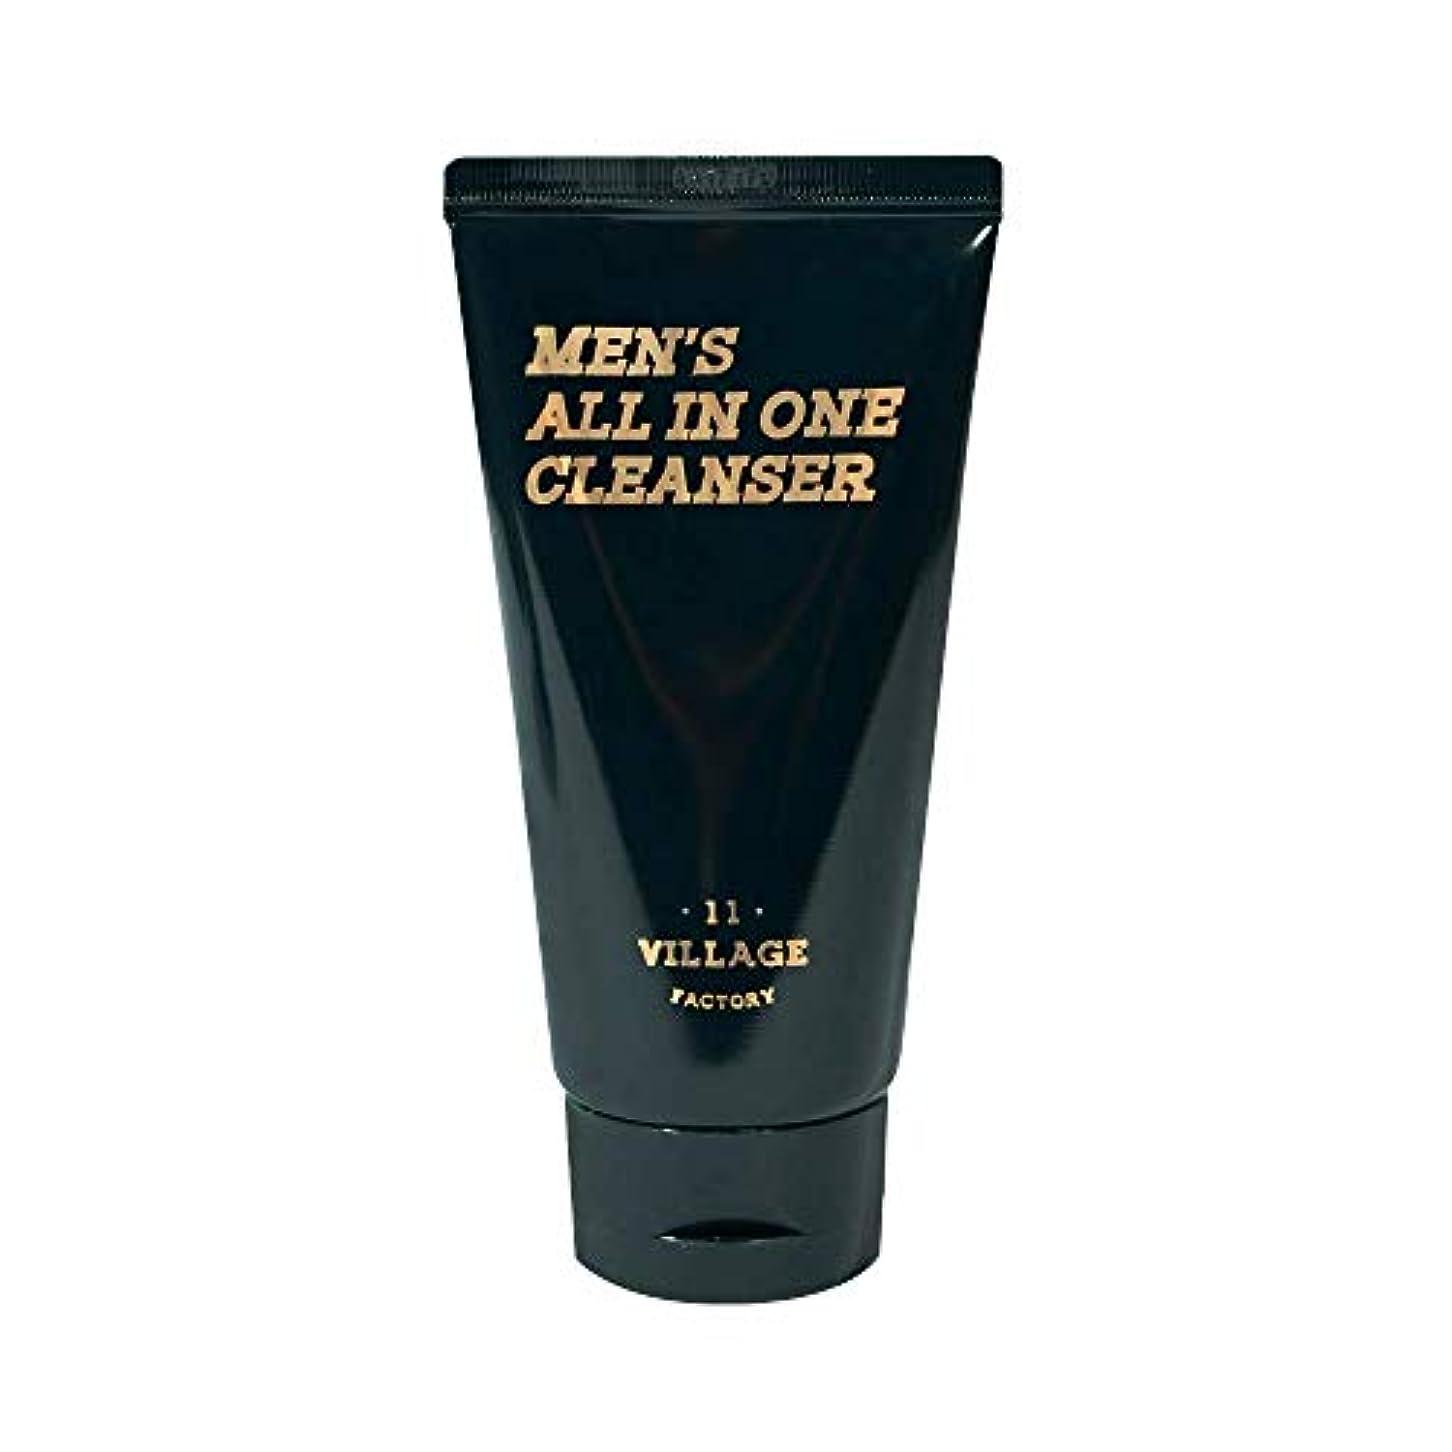 小屋無駄に徴収[VILLAGE 11 FACTORY] メンズオールインワンクレンザーMen's All-in-one Cleanser 150ml